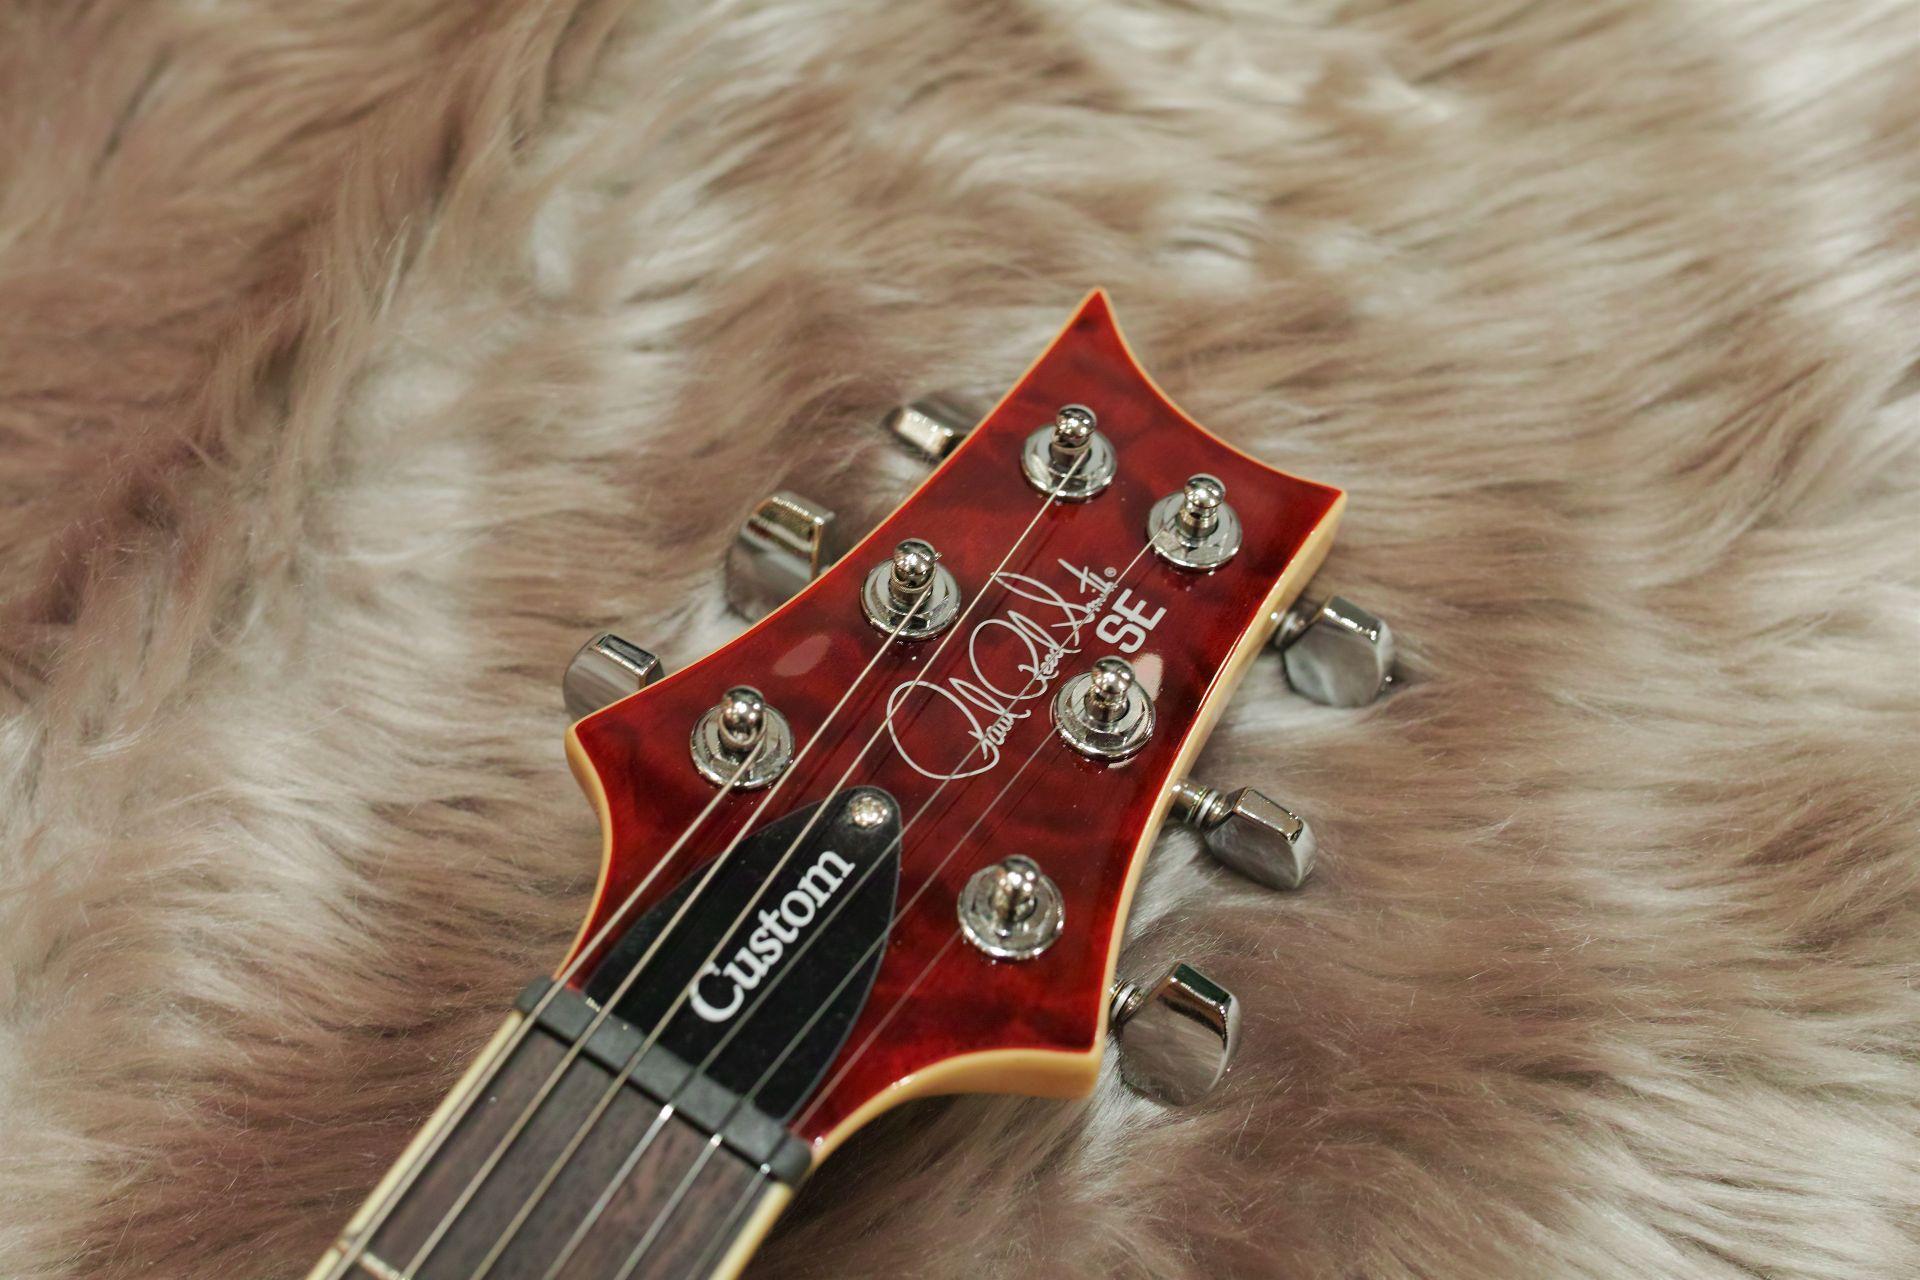 SE Custom 24 QM LTD Black cherry【島村限定モデル!】のヘッド画像